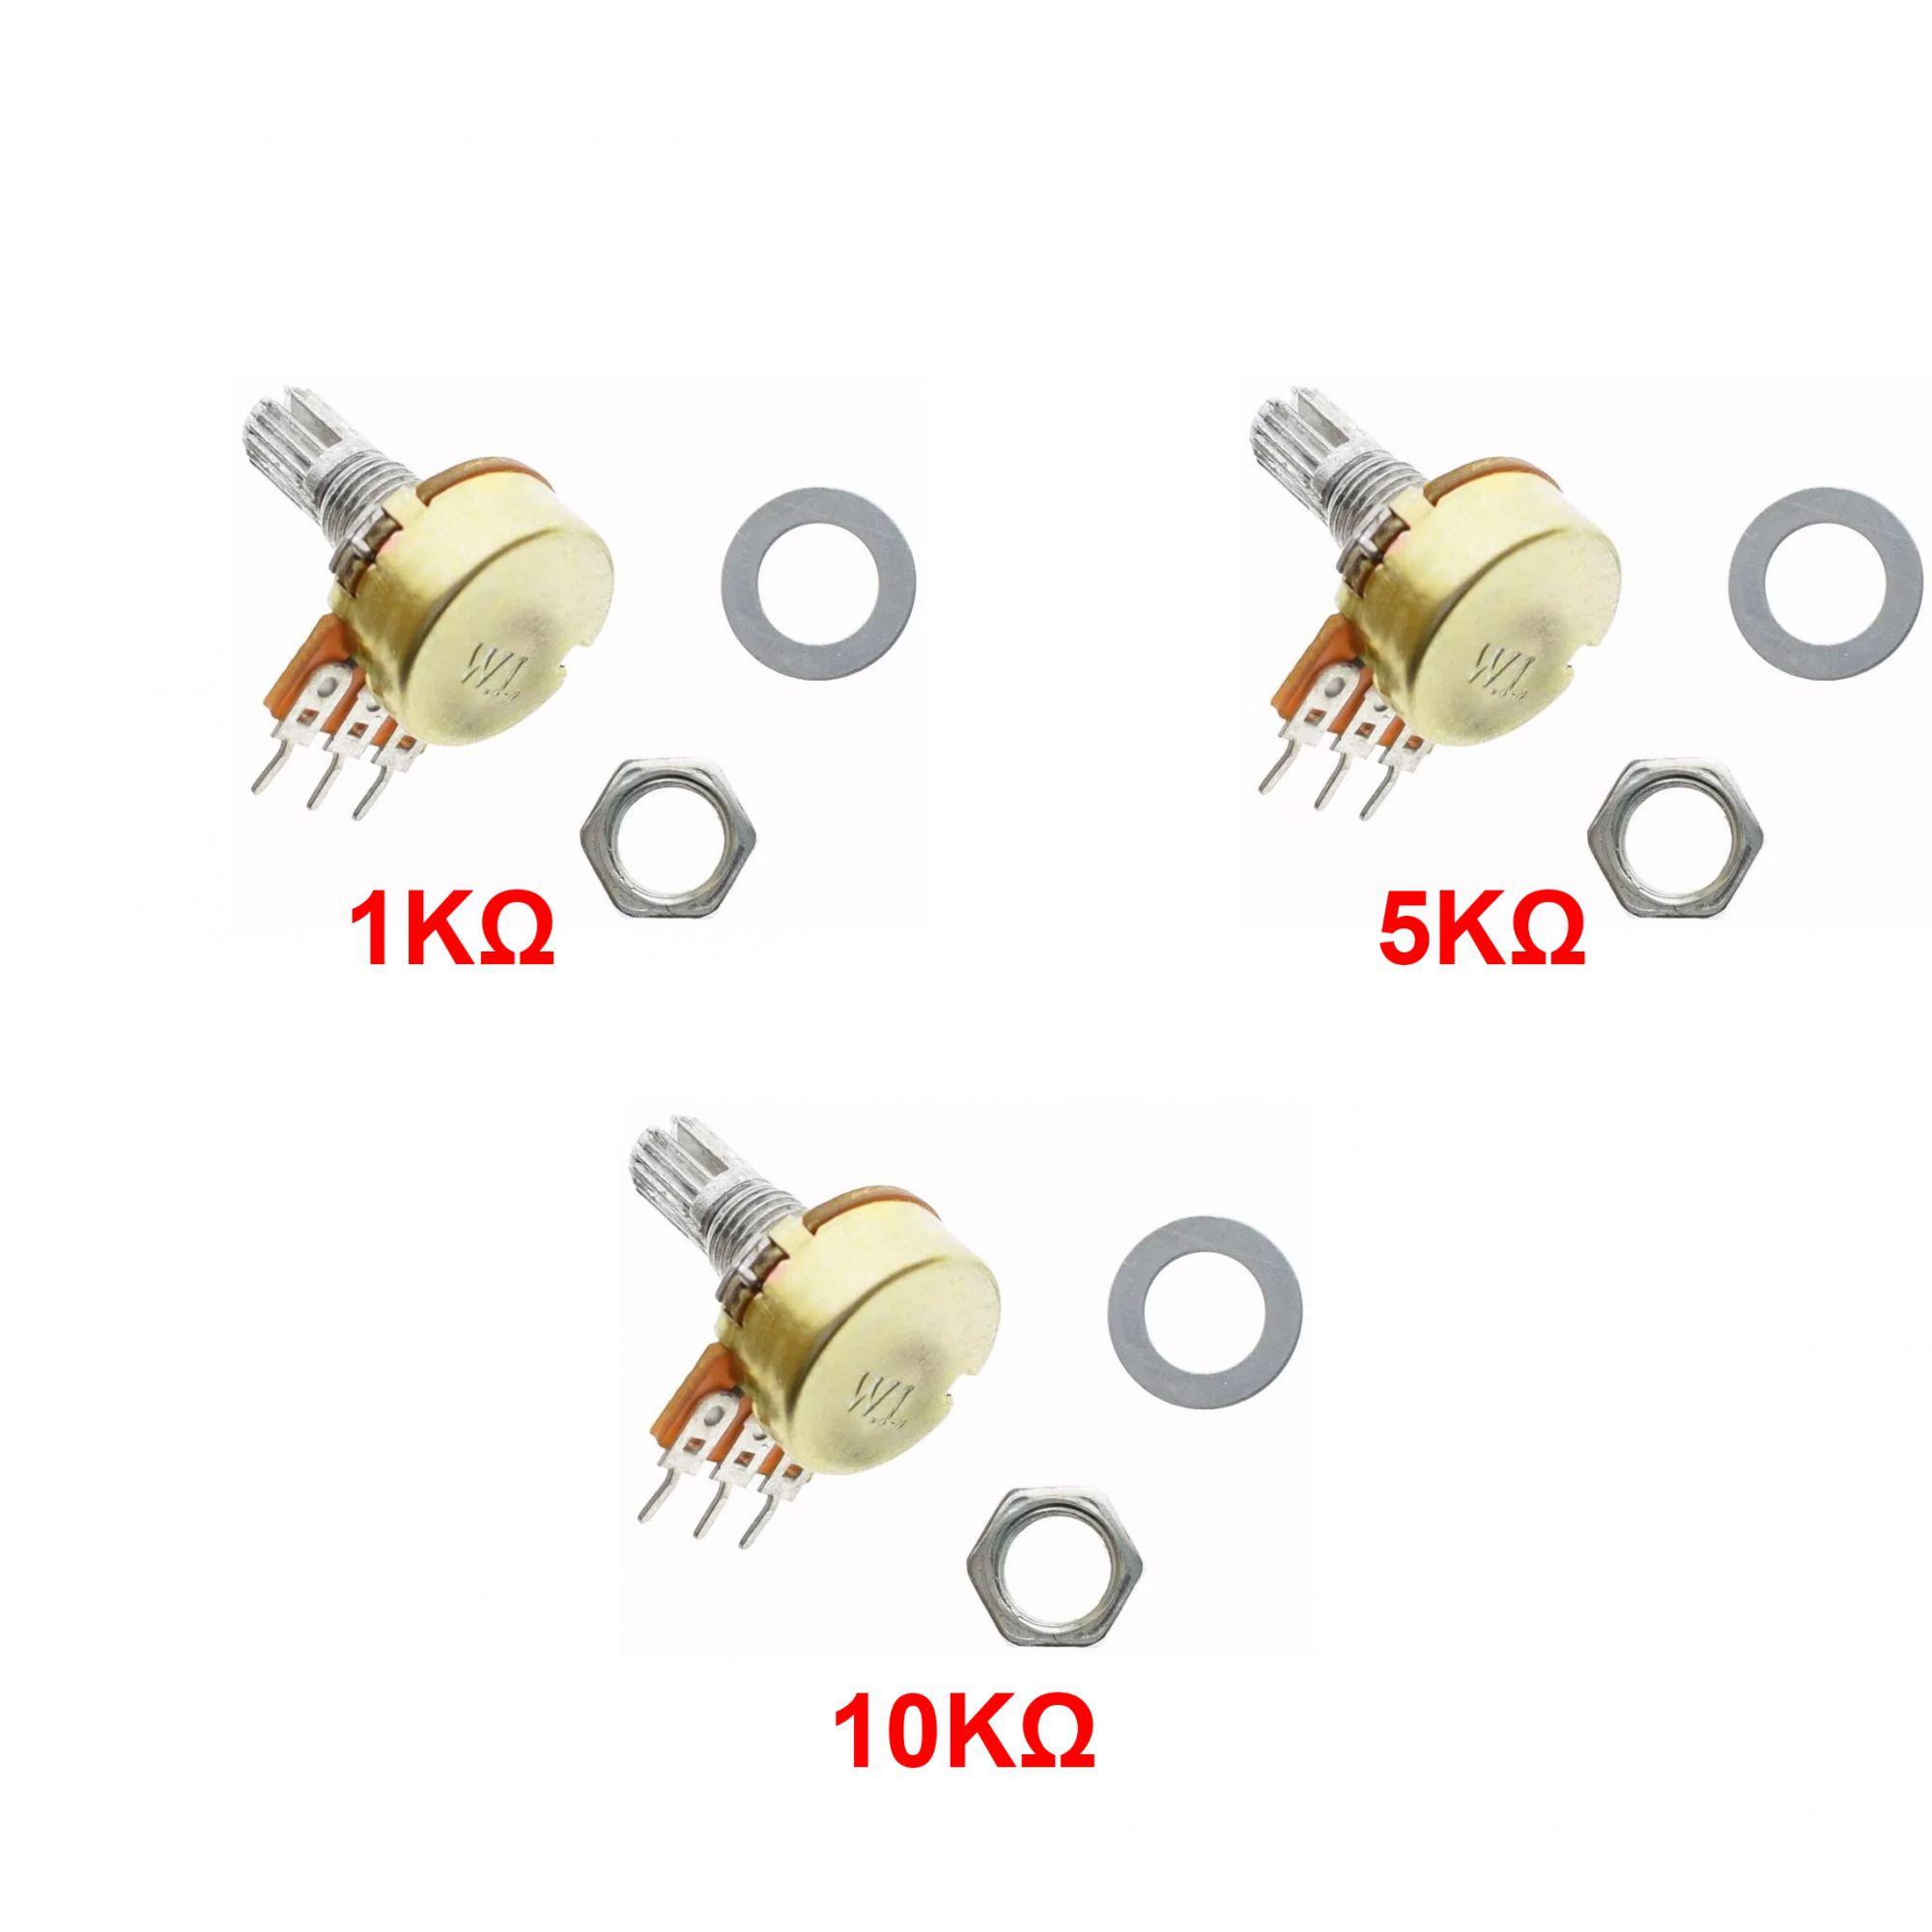 Kit com 3 Potenciômetro Linear Estriado: 1x Potenciômetro de 1k, 1x Potenciômetro de 5k e 1x Potenciômetro de 10k